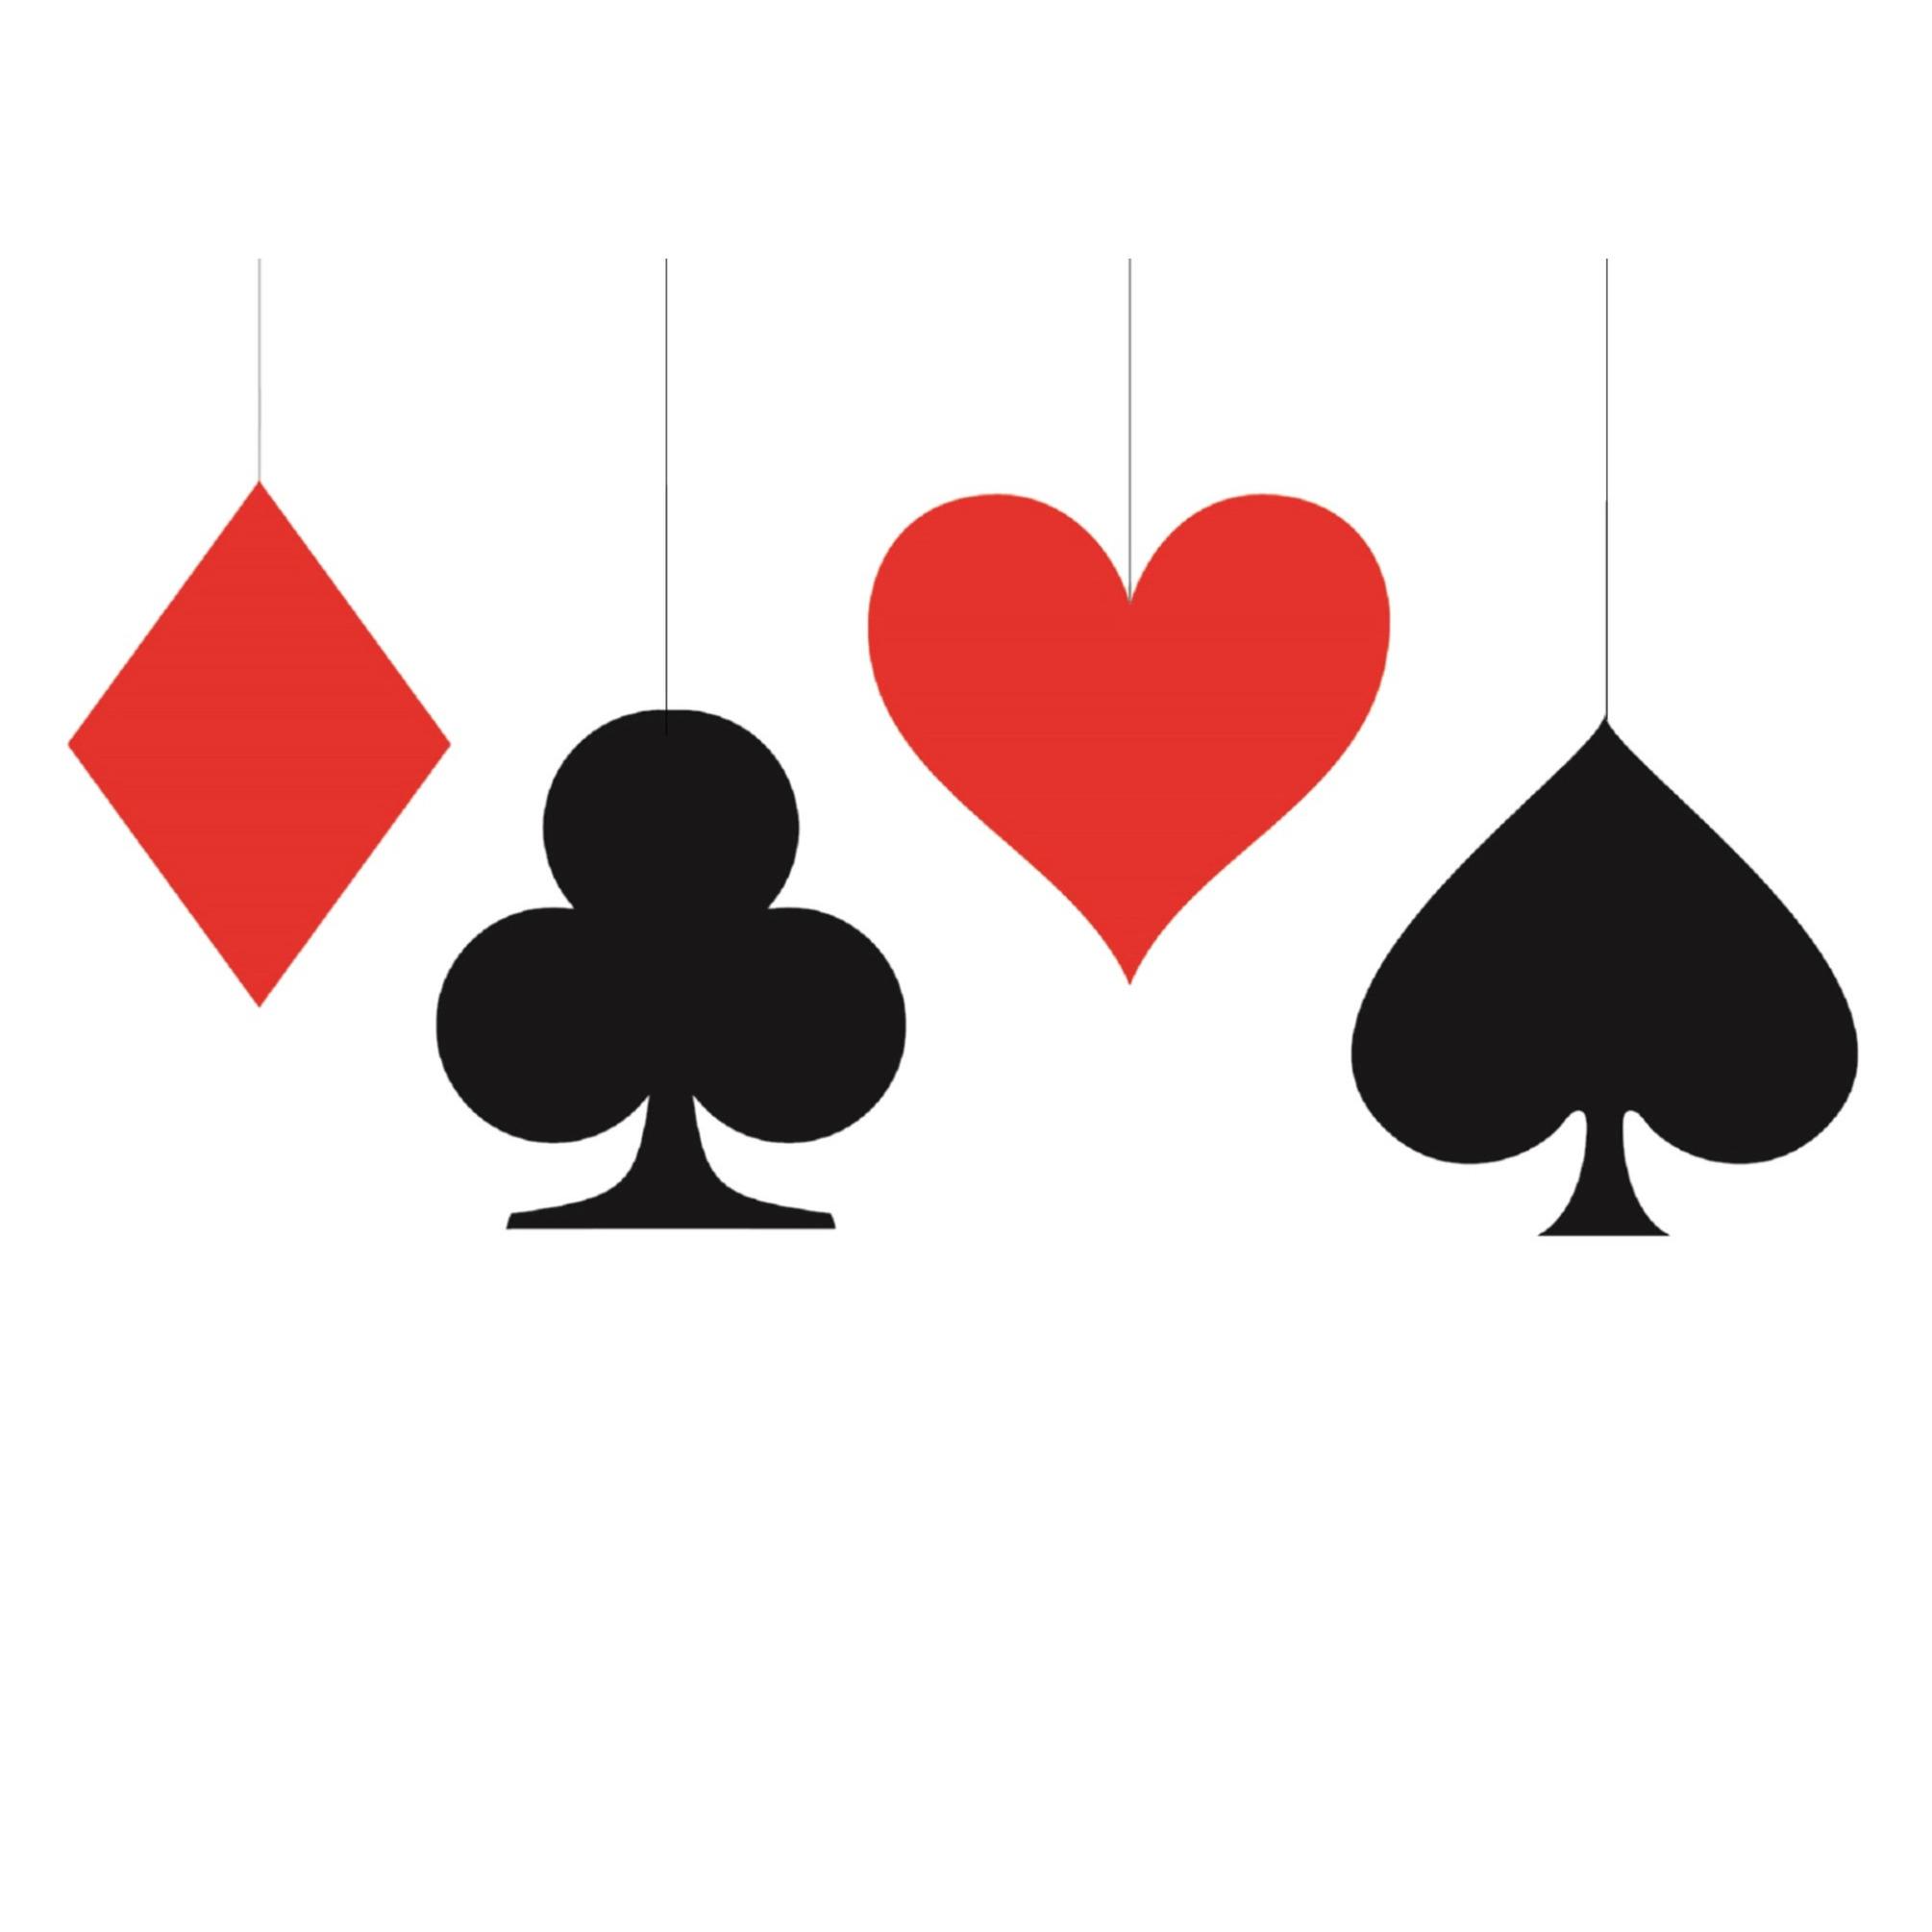 12x stuks kaartspel casino speelkaarten decoratie hangers